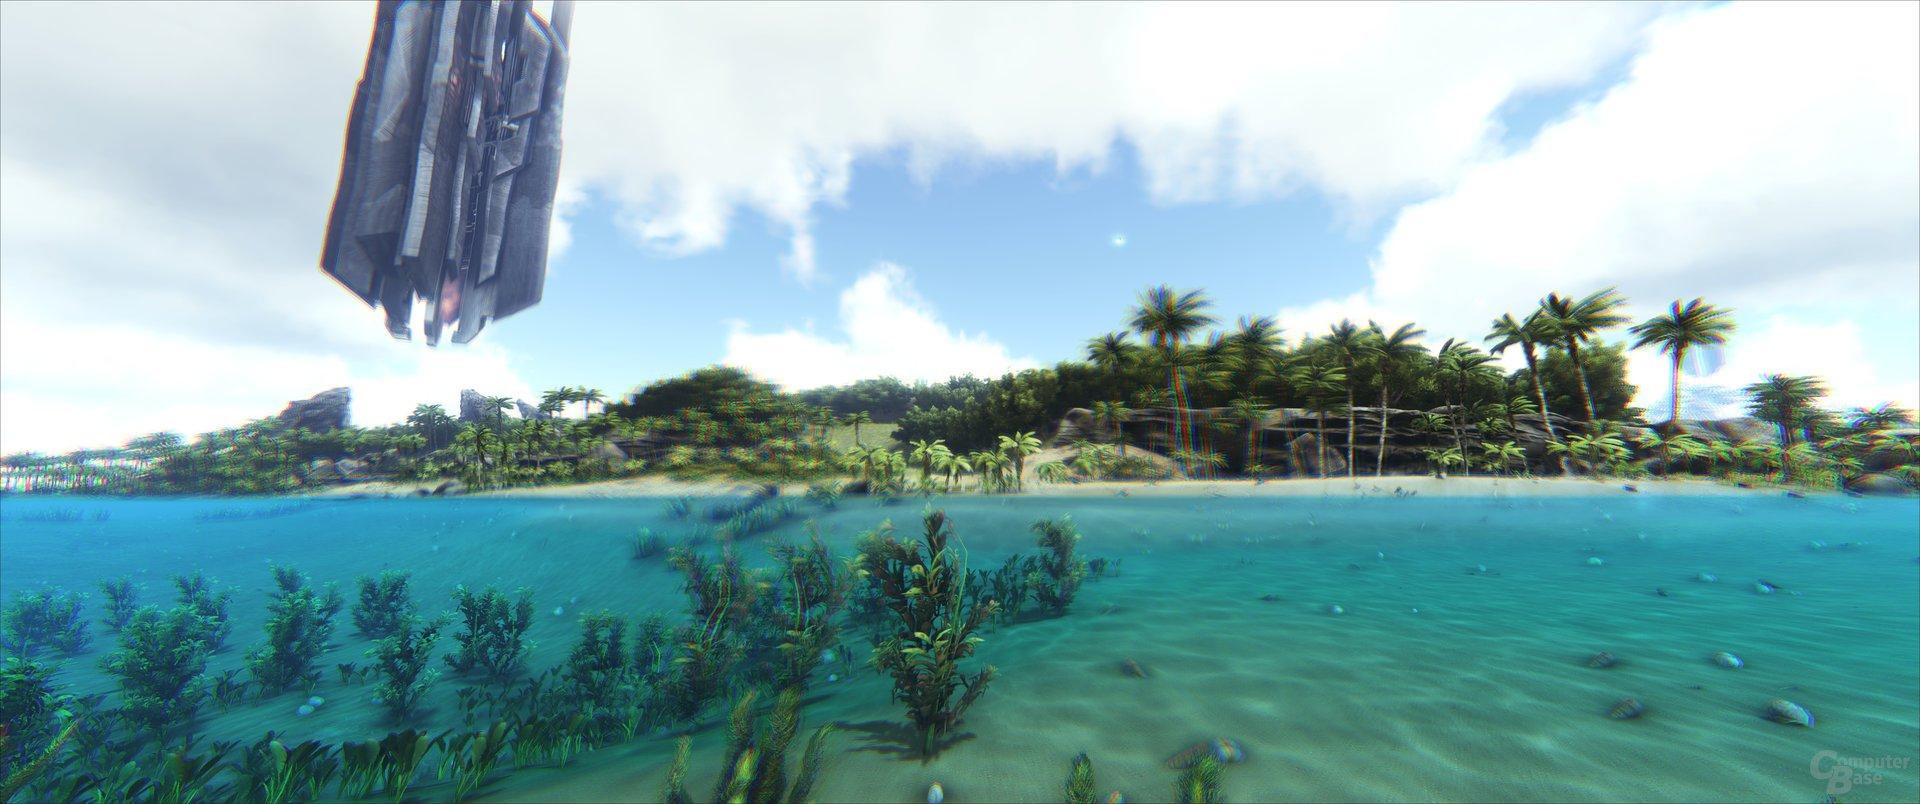 ARK: Survival Evolved – Unterwasser-Perspektive